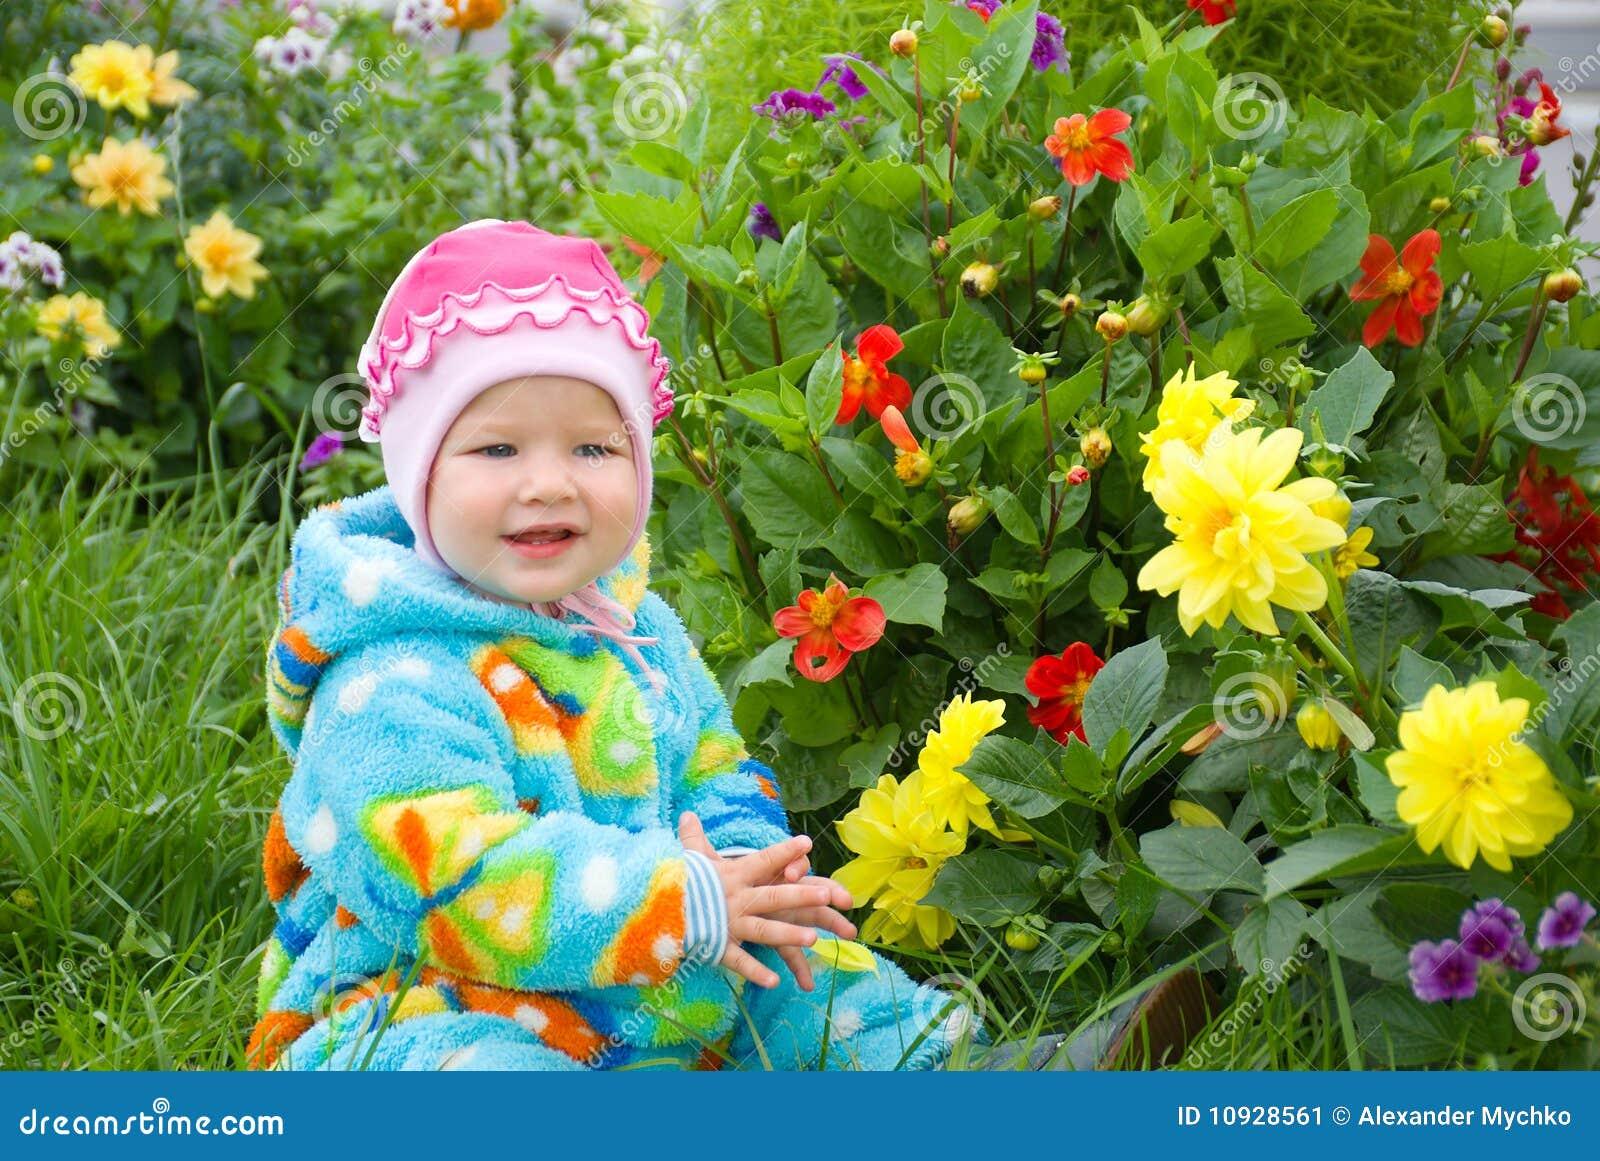 младенец рассматривает цветок